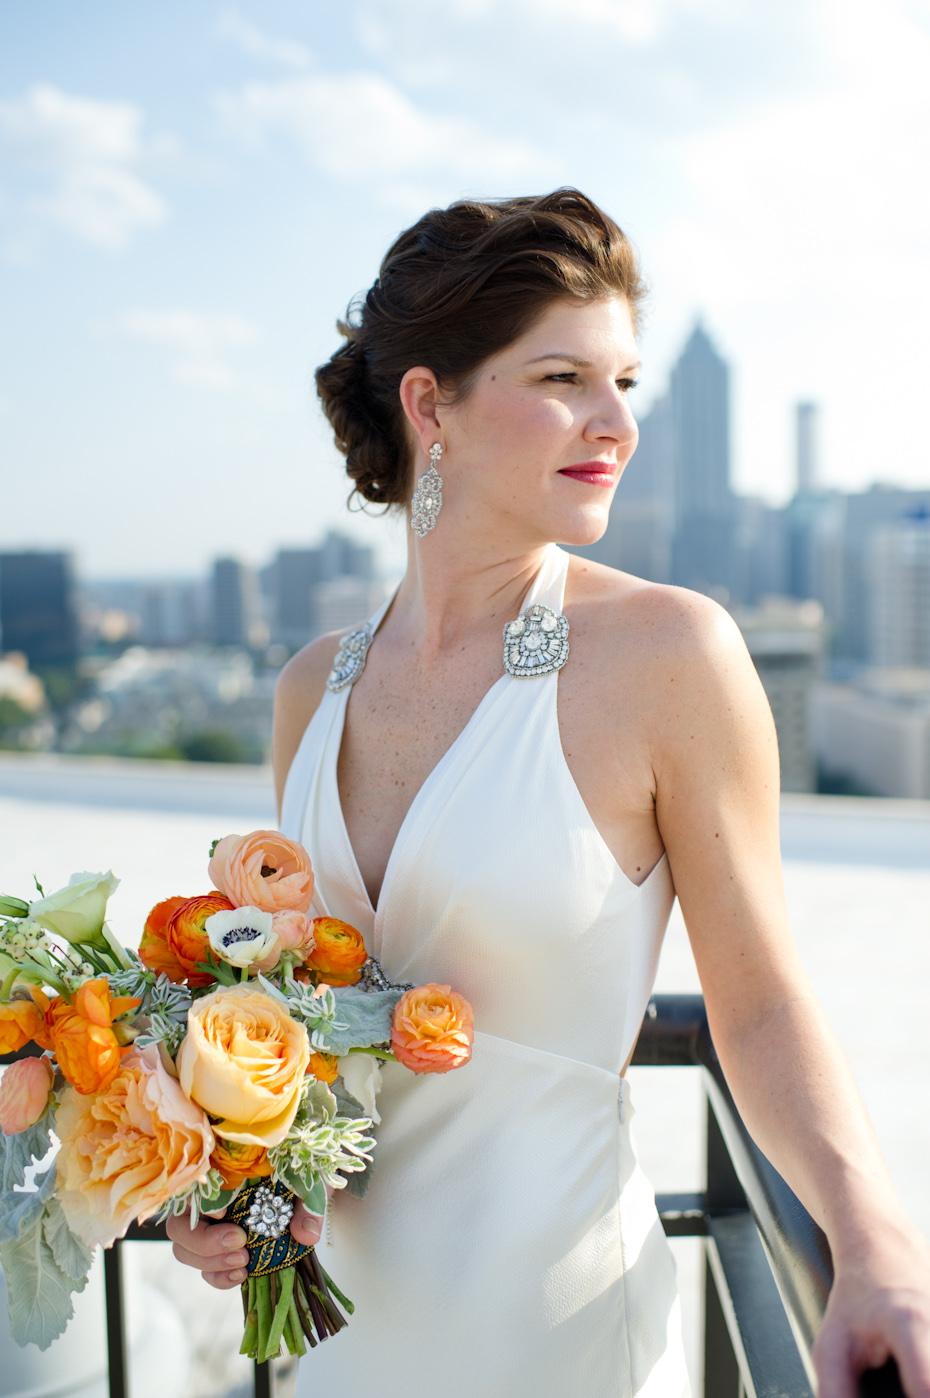 Embellished wedding dress by Jenny Packham